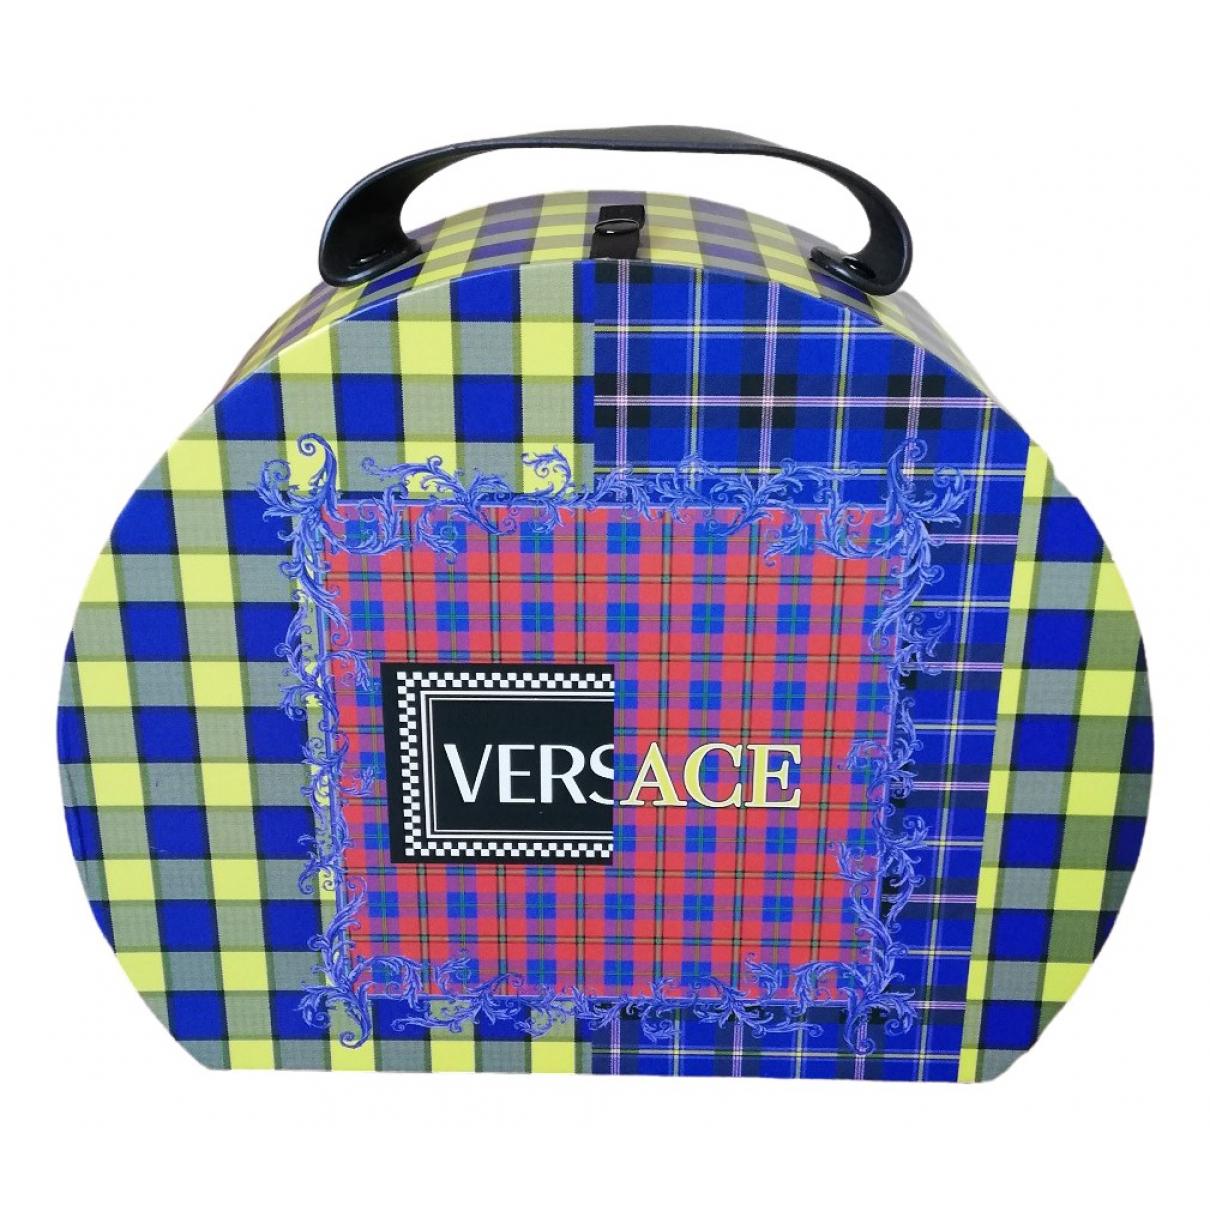 Objeto de decoracion Versace